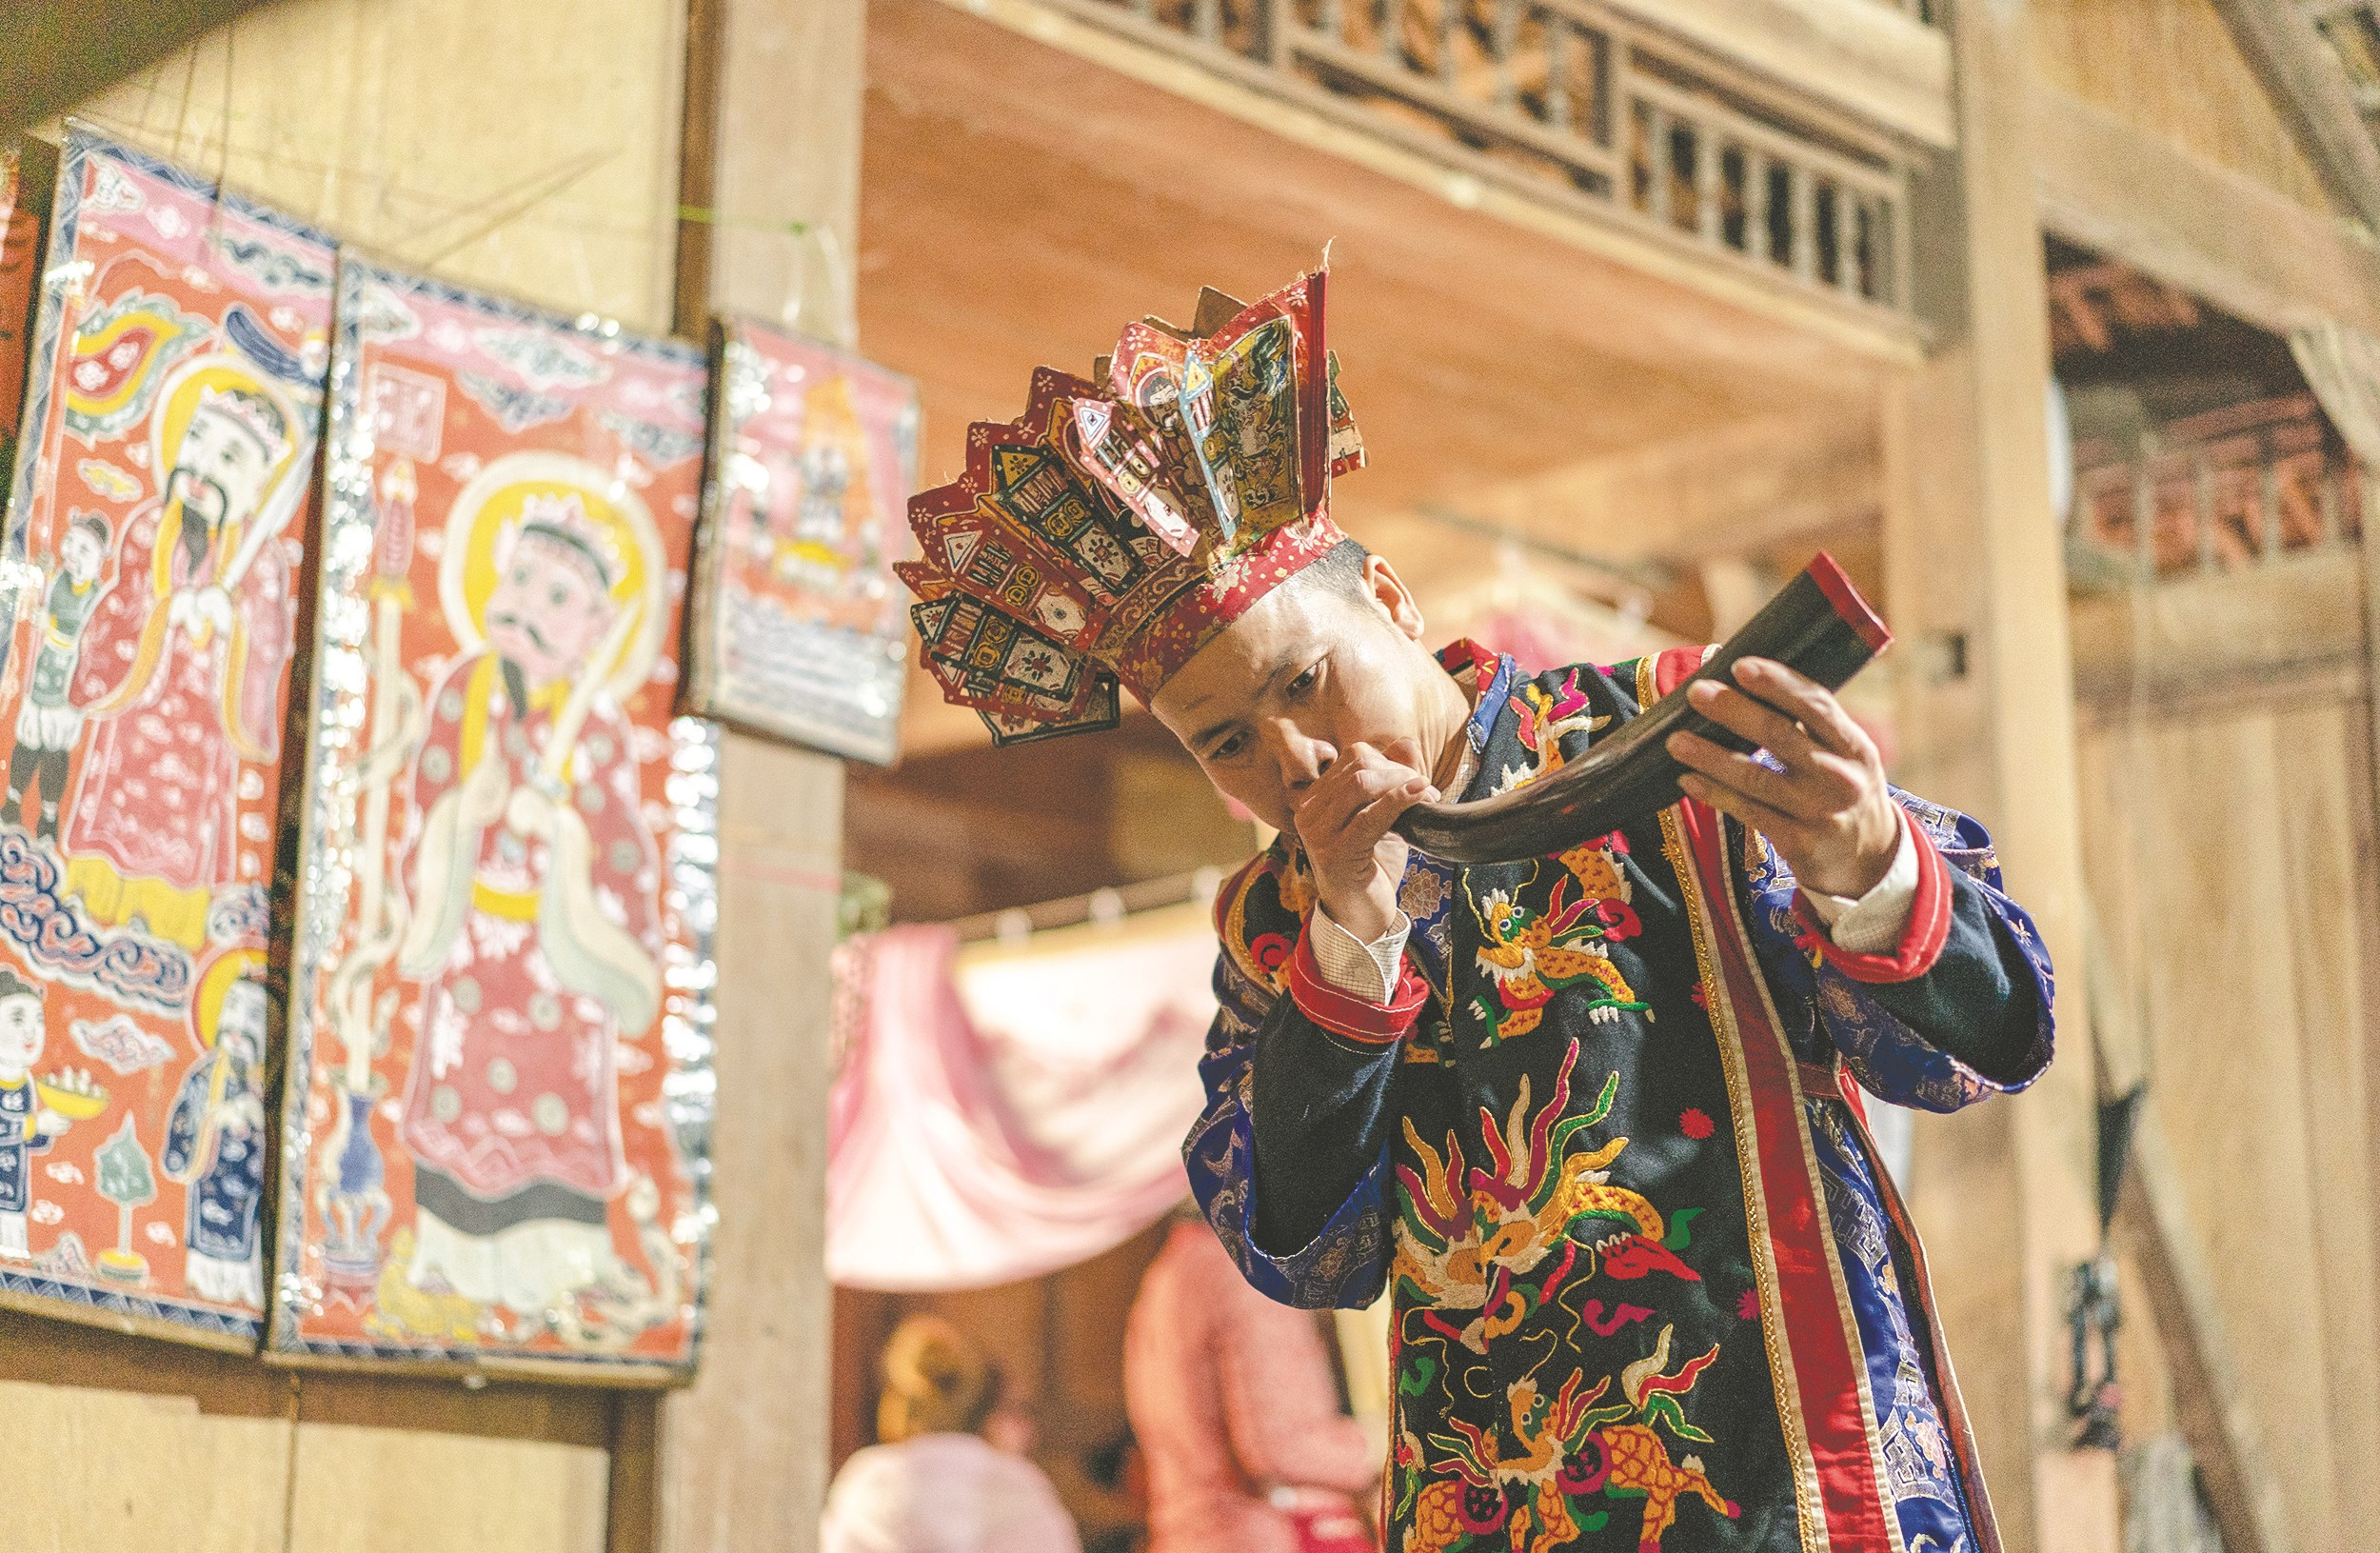 Thầy cúng thổi tù và để mời gọi Ngọc Hoàng xuống chứng giám nghi lễ cấp sắc.